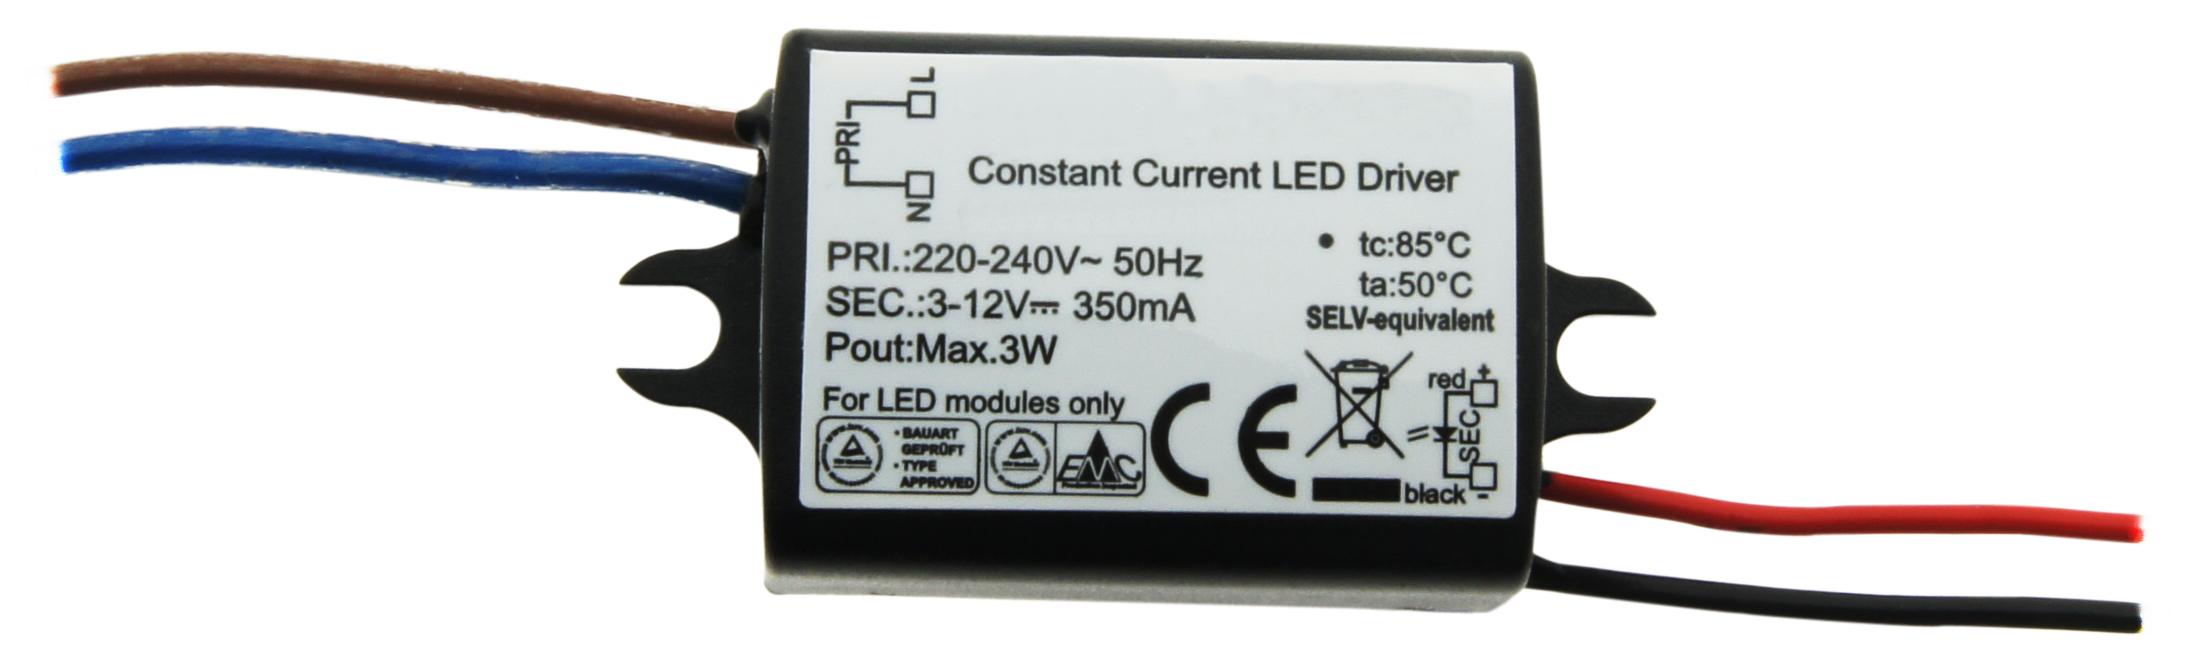 1 Stk LED Netzteil HW 3W/350mA, Mini, IP65 LINT403350